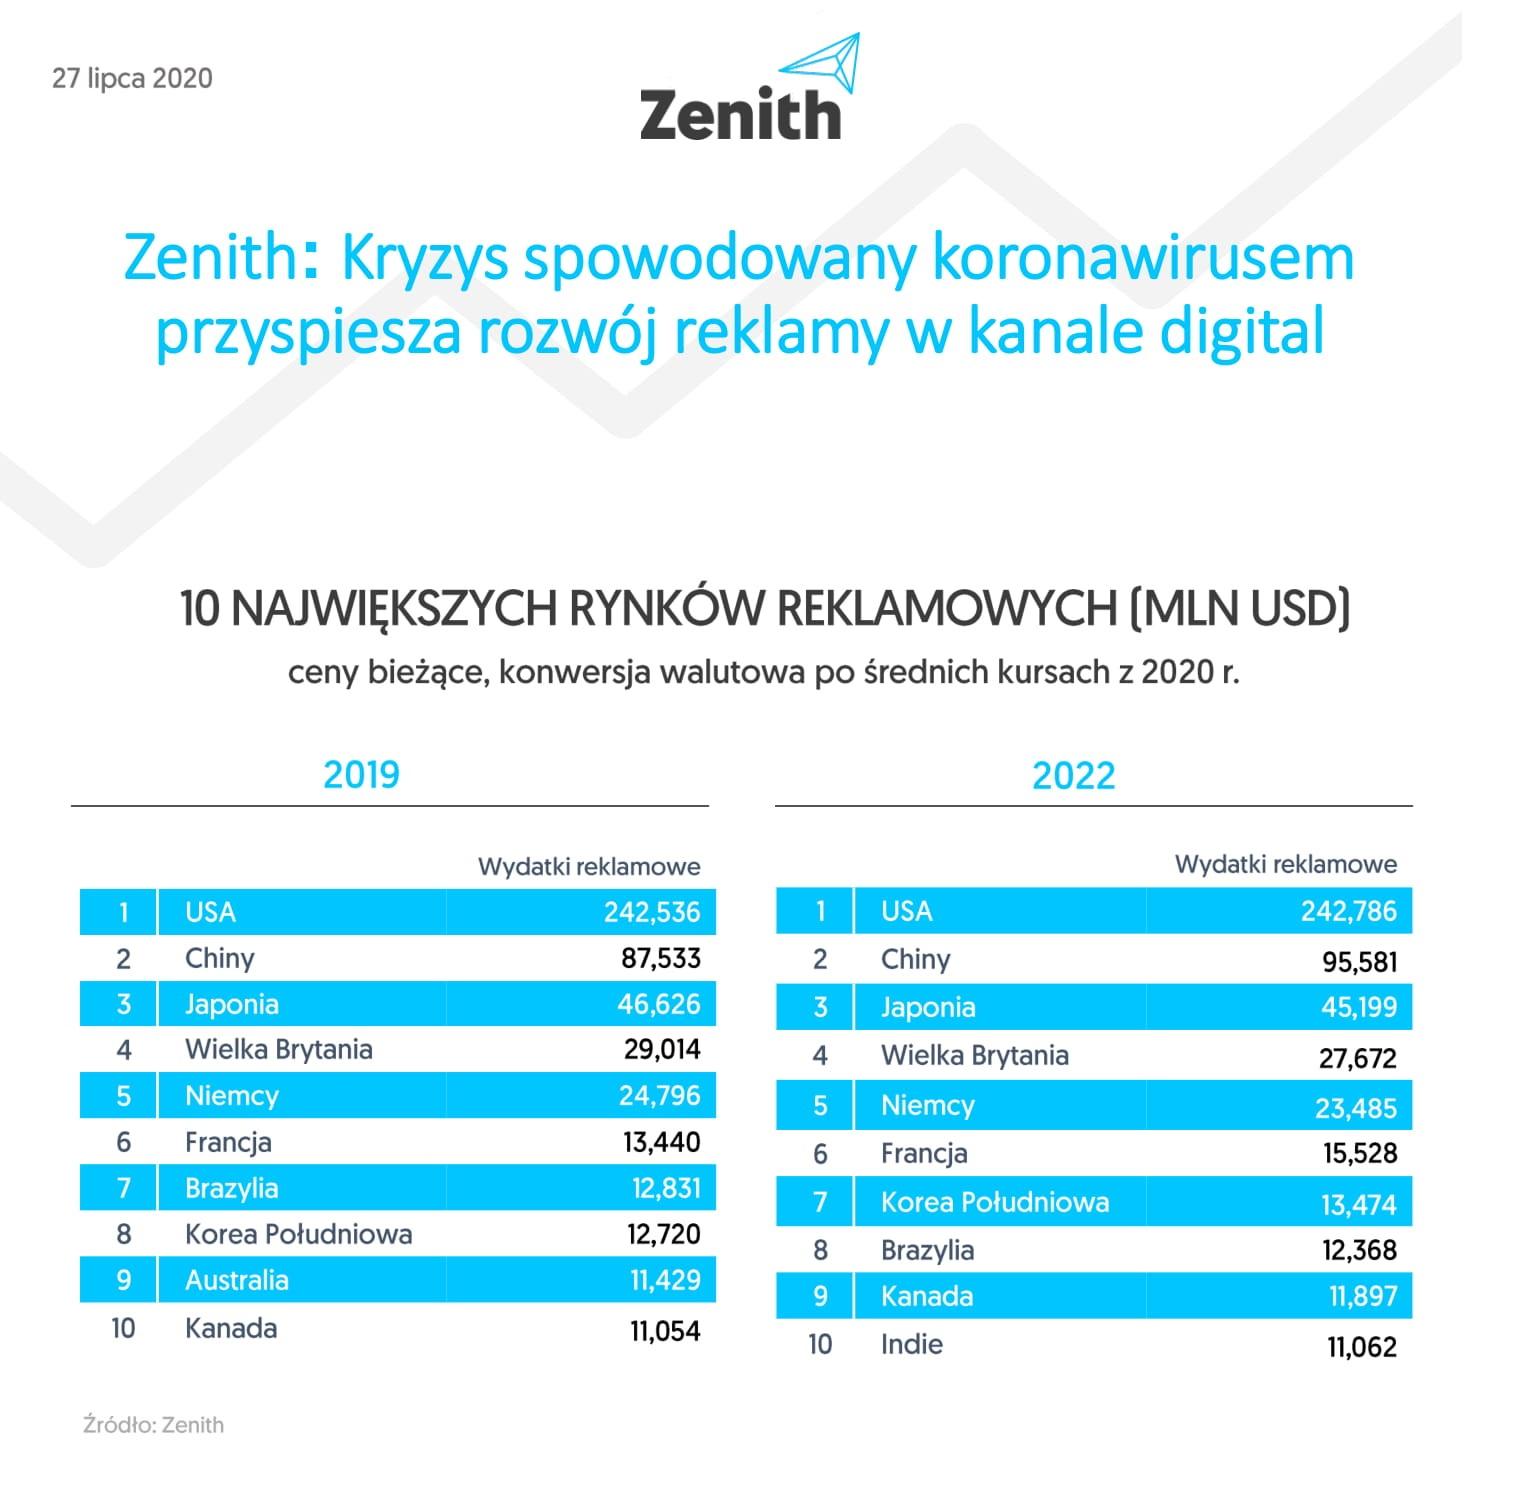 Zenith rozwoj reklamy w kanale digital